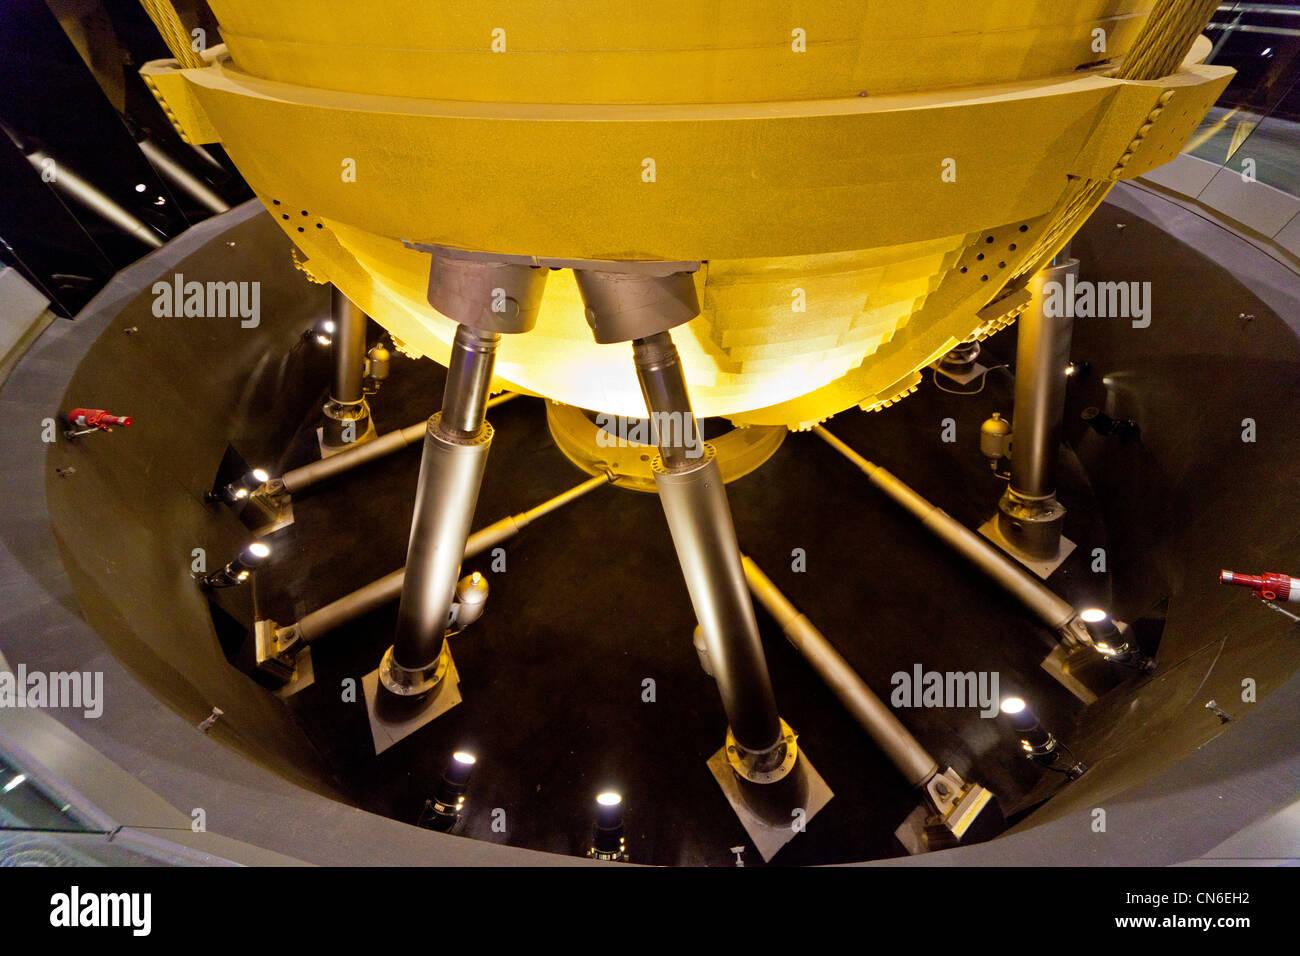 Masse Dämpfer Pendel 660 Tonnen auf Taipei 101 Wolkenkratzer Taipei Taiwan abgestimmt. JMH5735 Stockbild